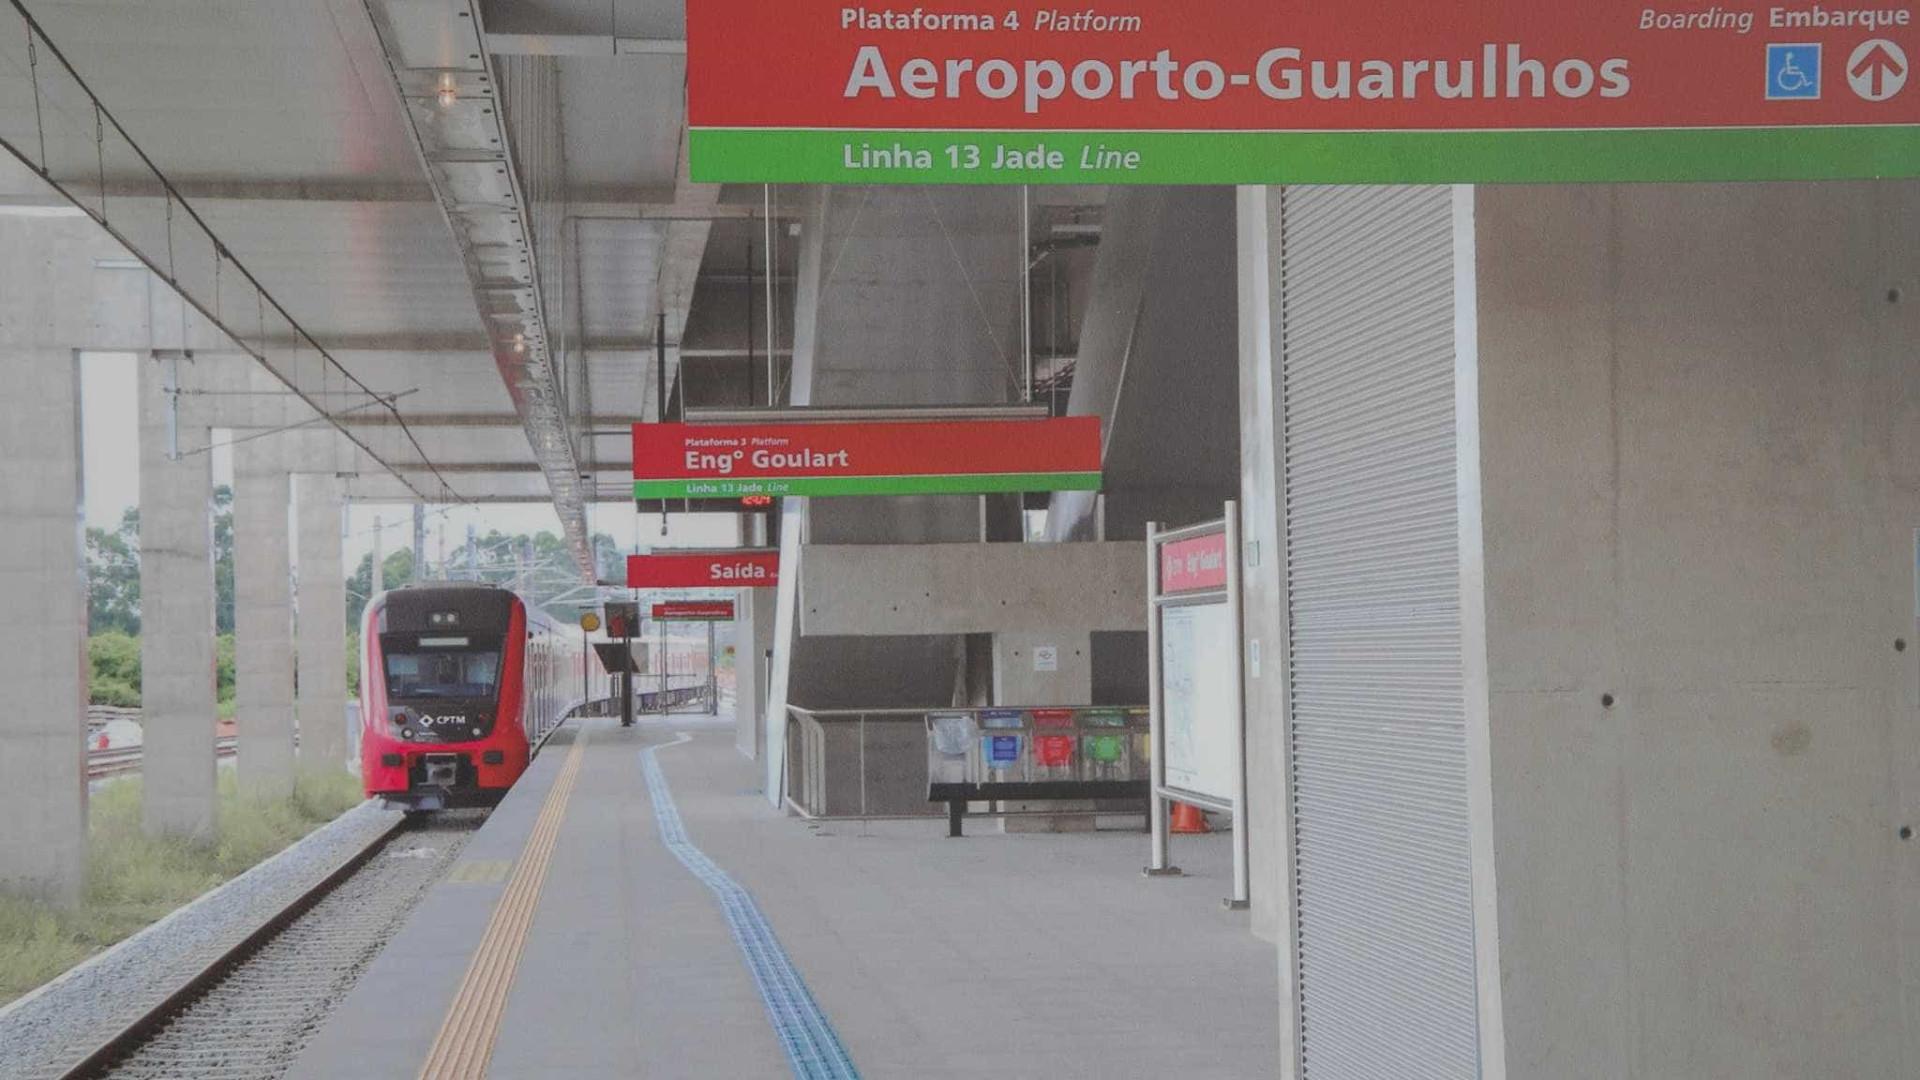 Aeroporto Sp : Em sp linha que custou r$ 1 bilhão e não chega ao aeroporto tem